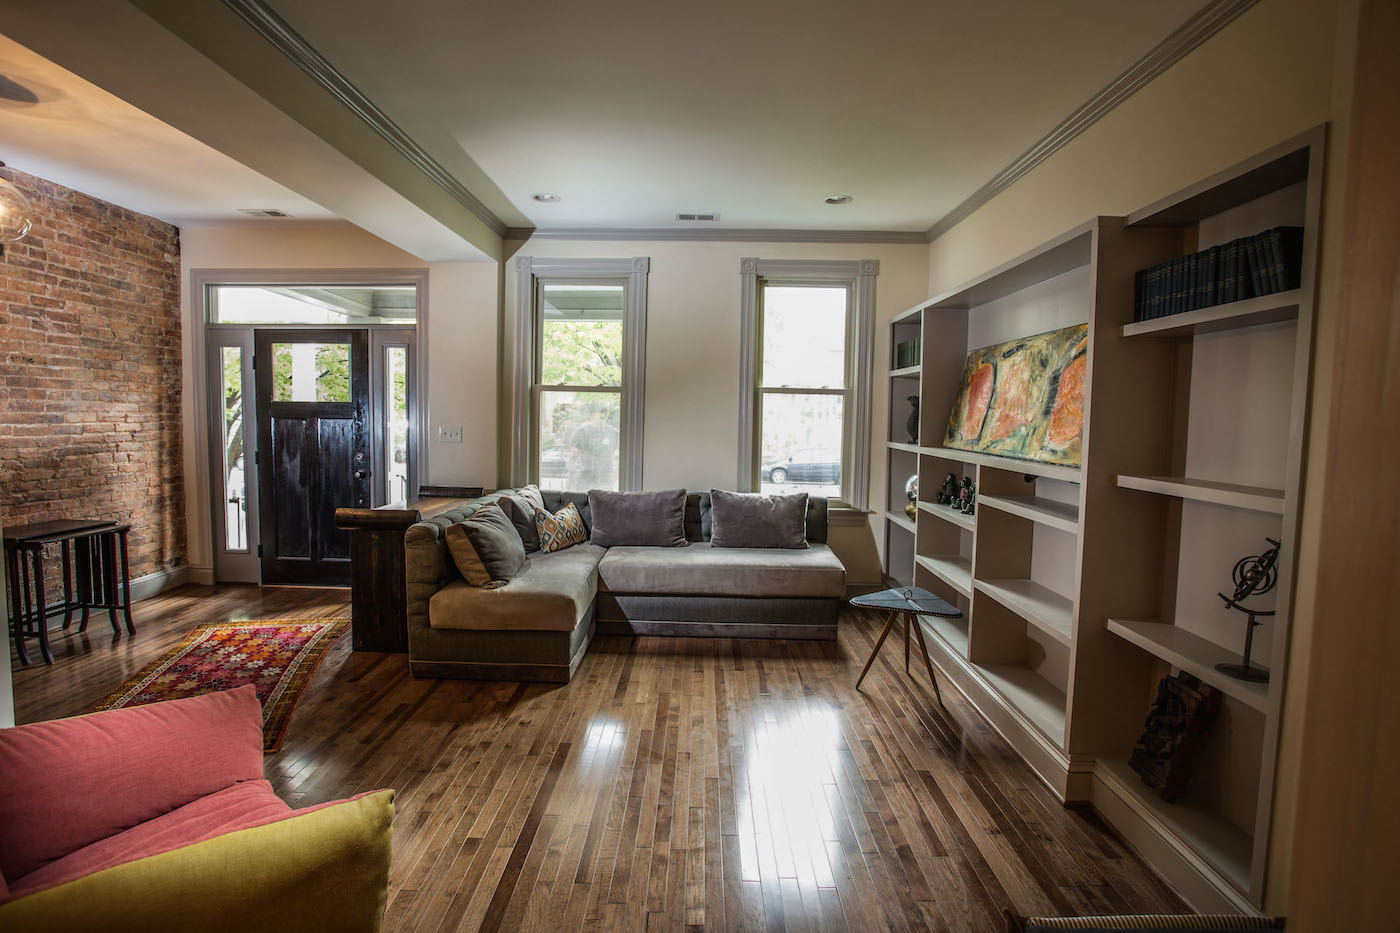 4002 Living room foyer after.jpeg